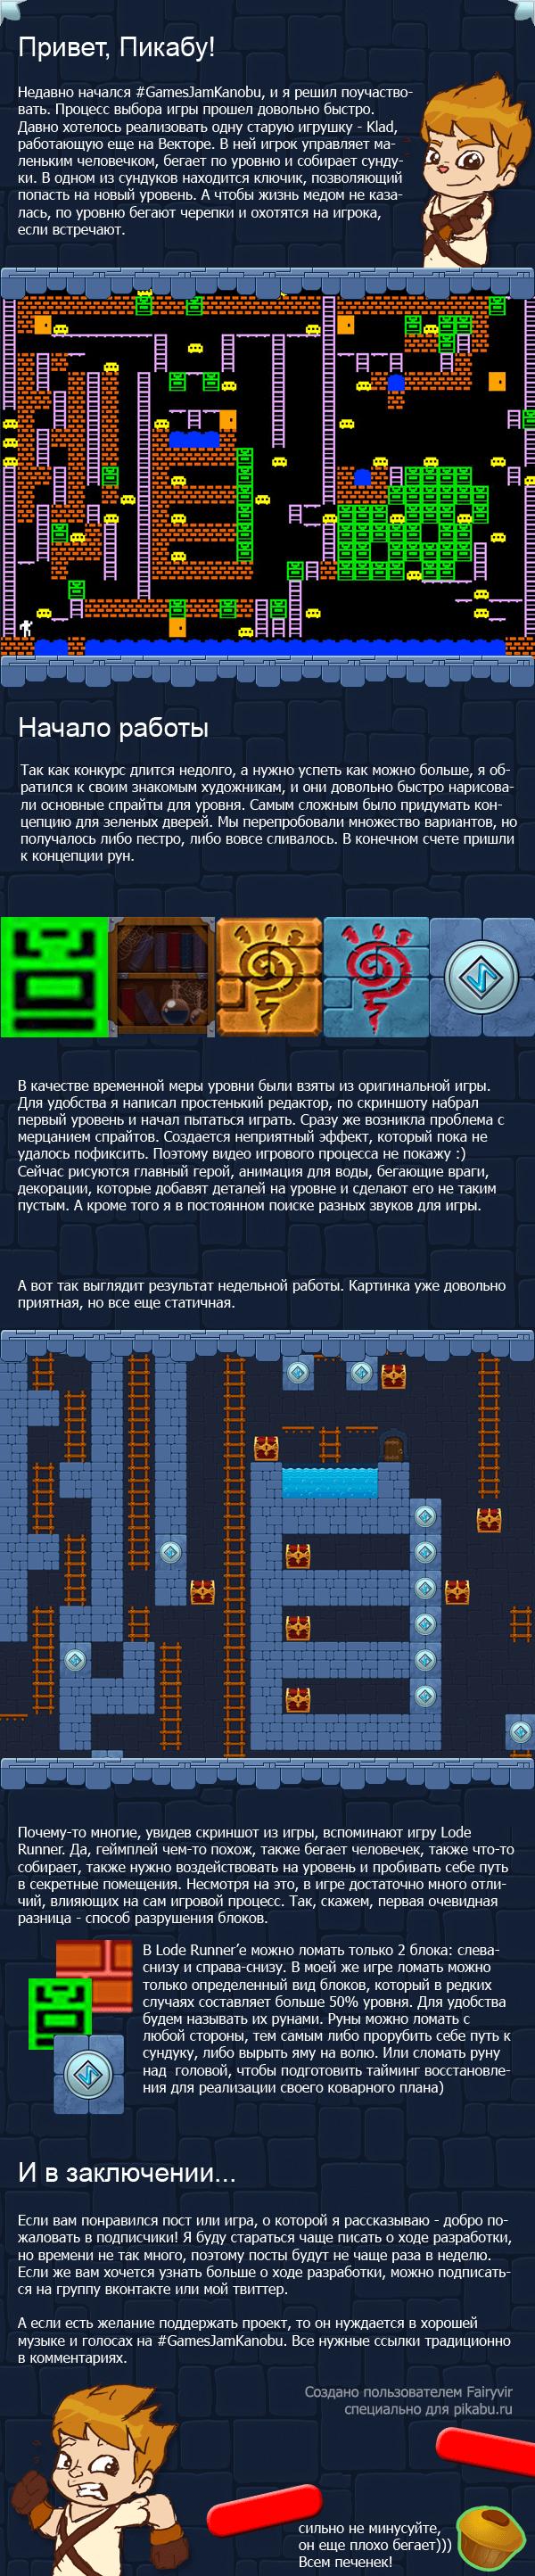 История разработки ремейка любимой ретро игры. Начало пути. Gamedev, Игры, Инди, Хобби, Разработка, Treasuryraider, Длиннопост